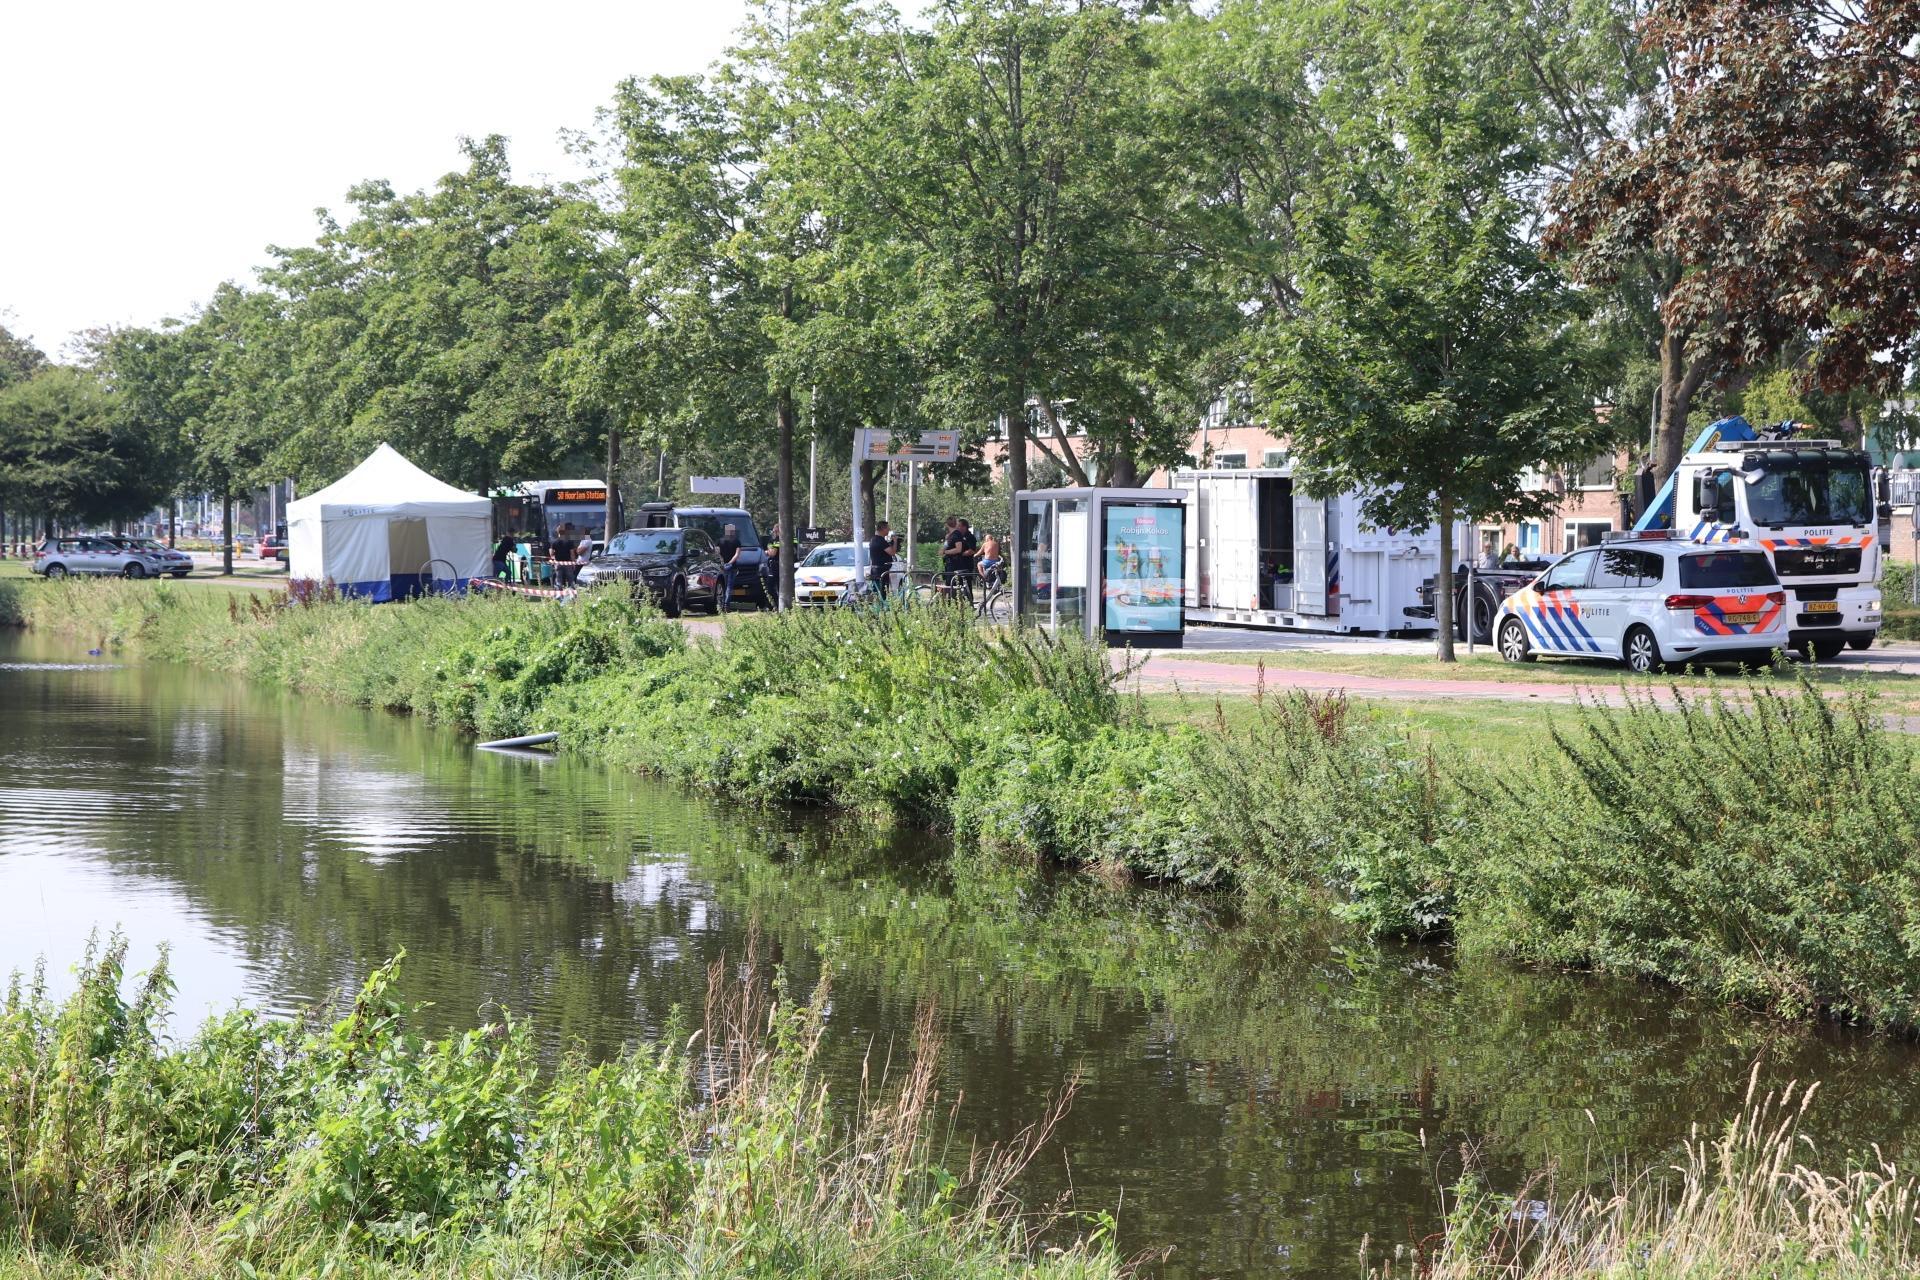 Overleden persoon aangetroffen in water langs Van Limburg Stirumlaan in Hillegom; geen misdrijf [update]